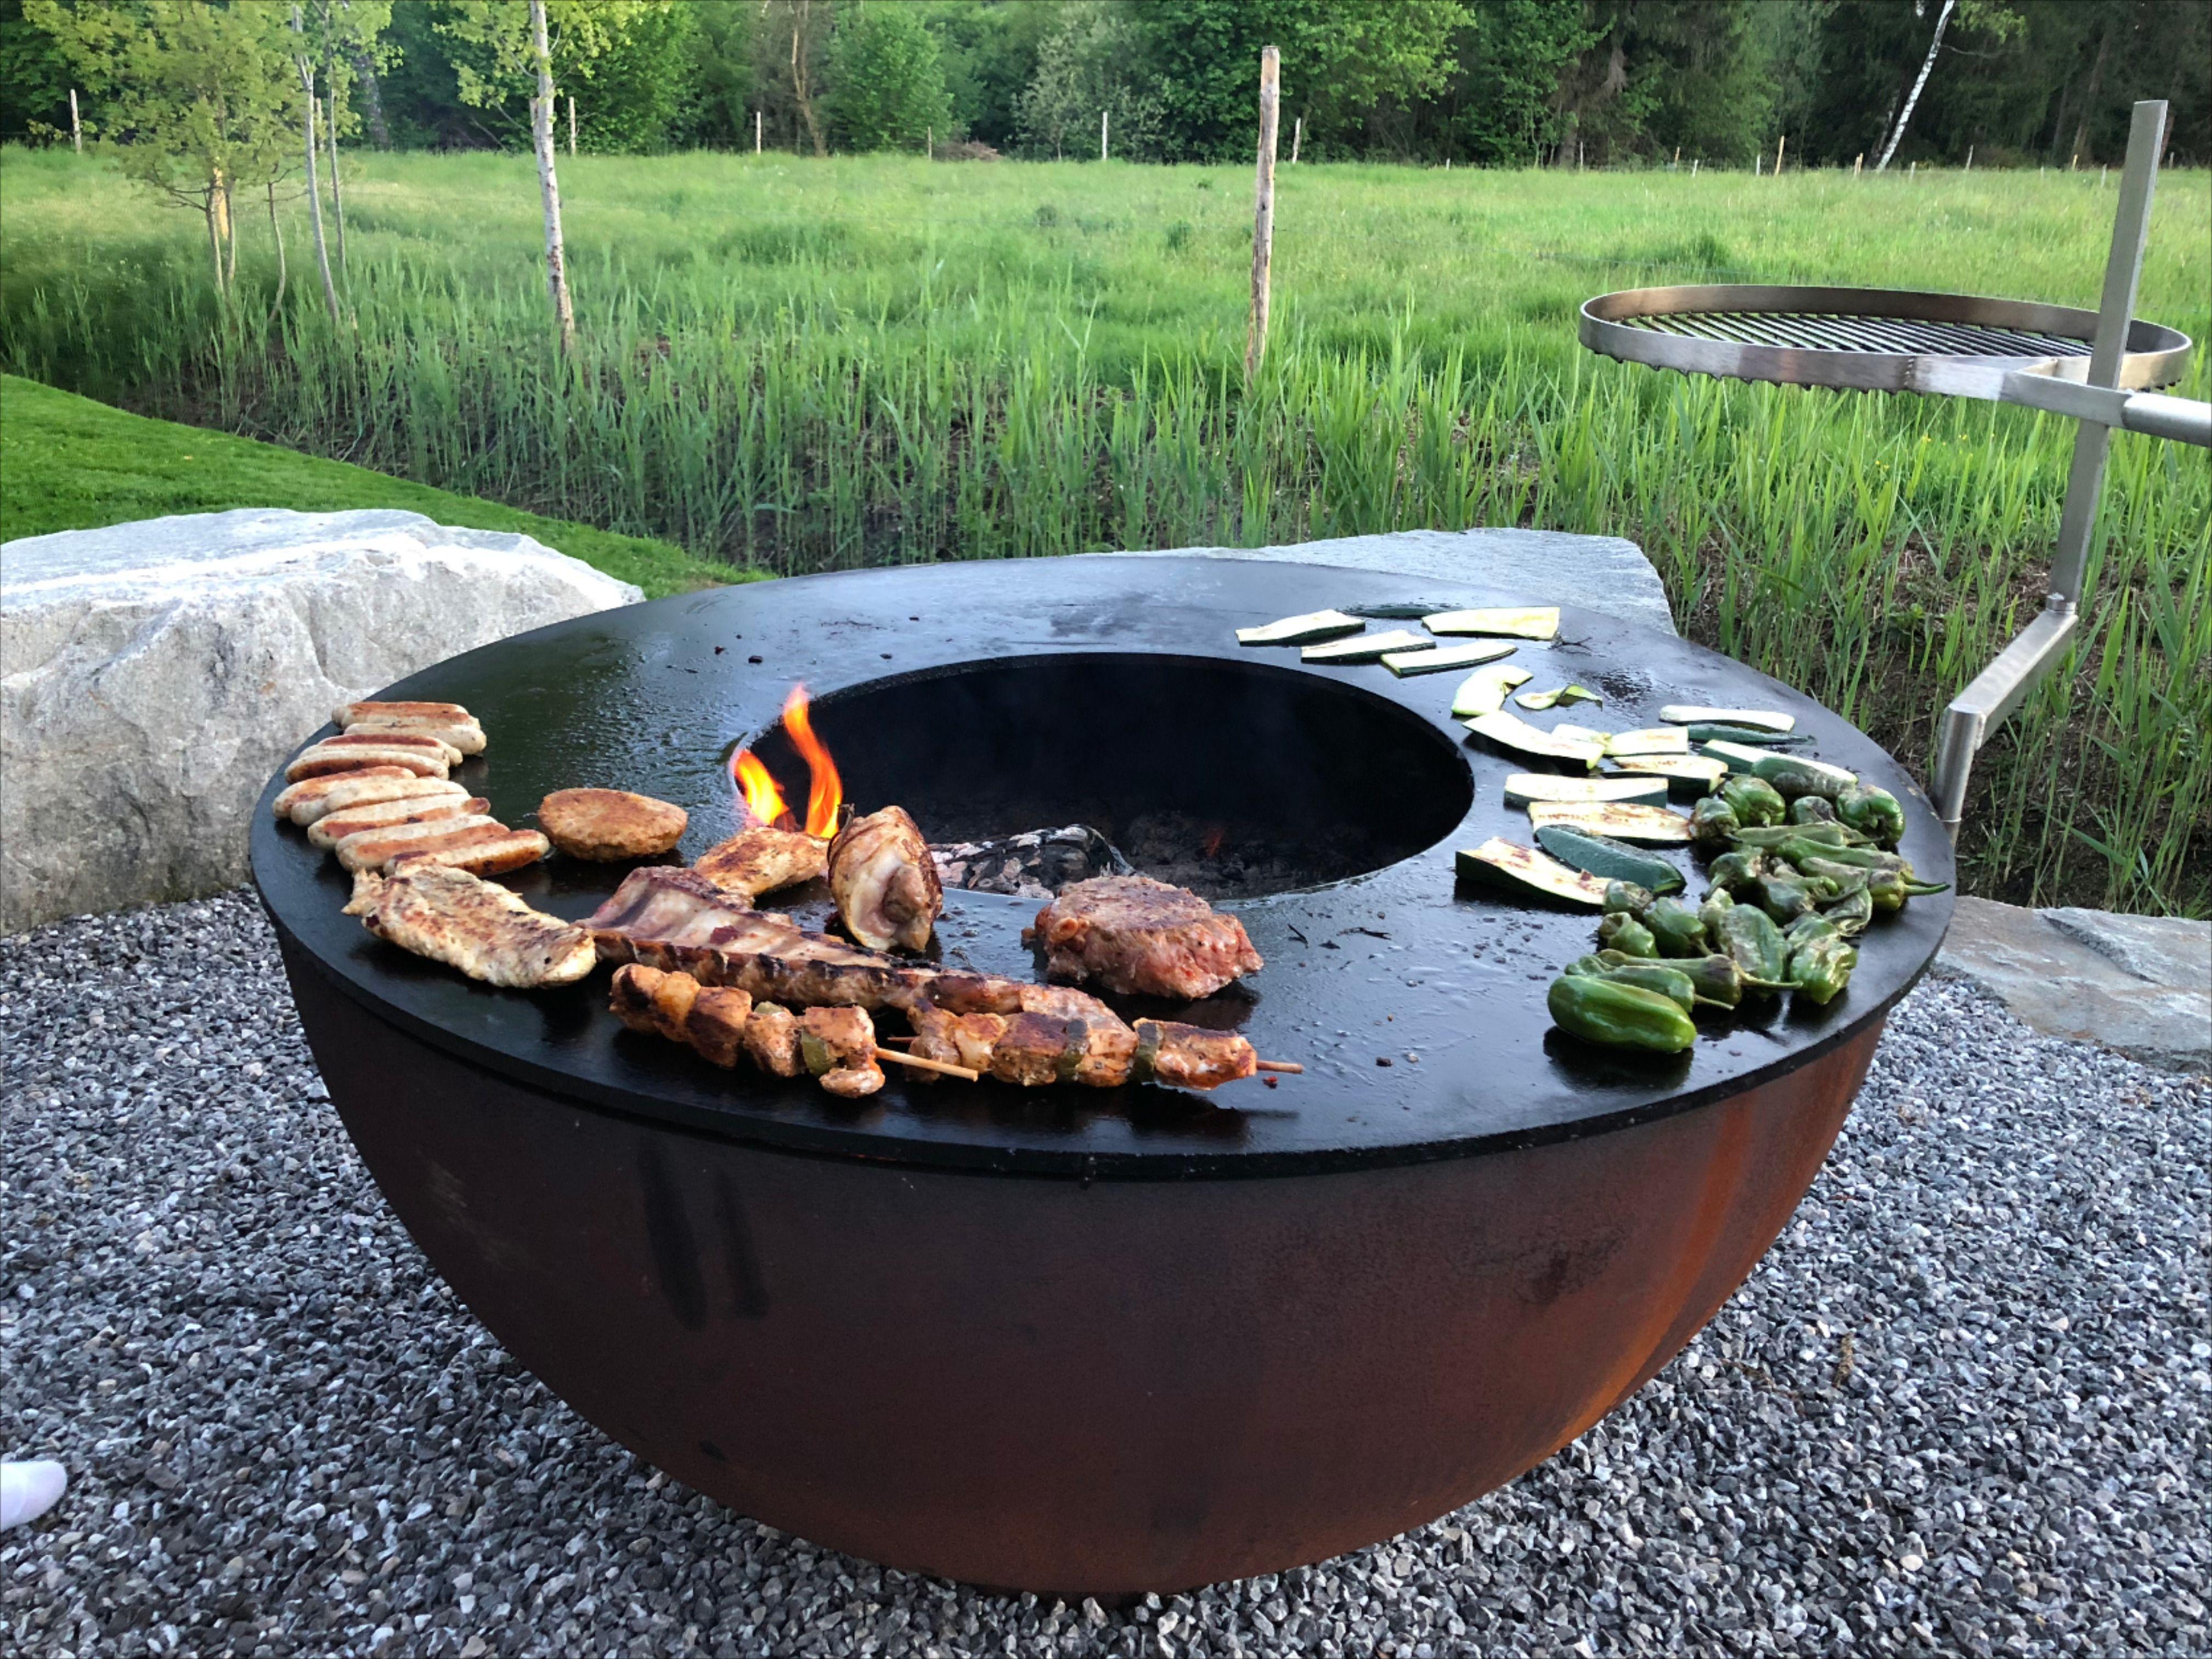 Gemutlich Grillen Rund Um Das Feuer Feuerschale Feuerkorb Garten Terrasse